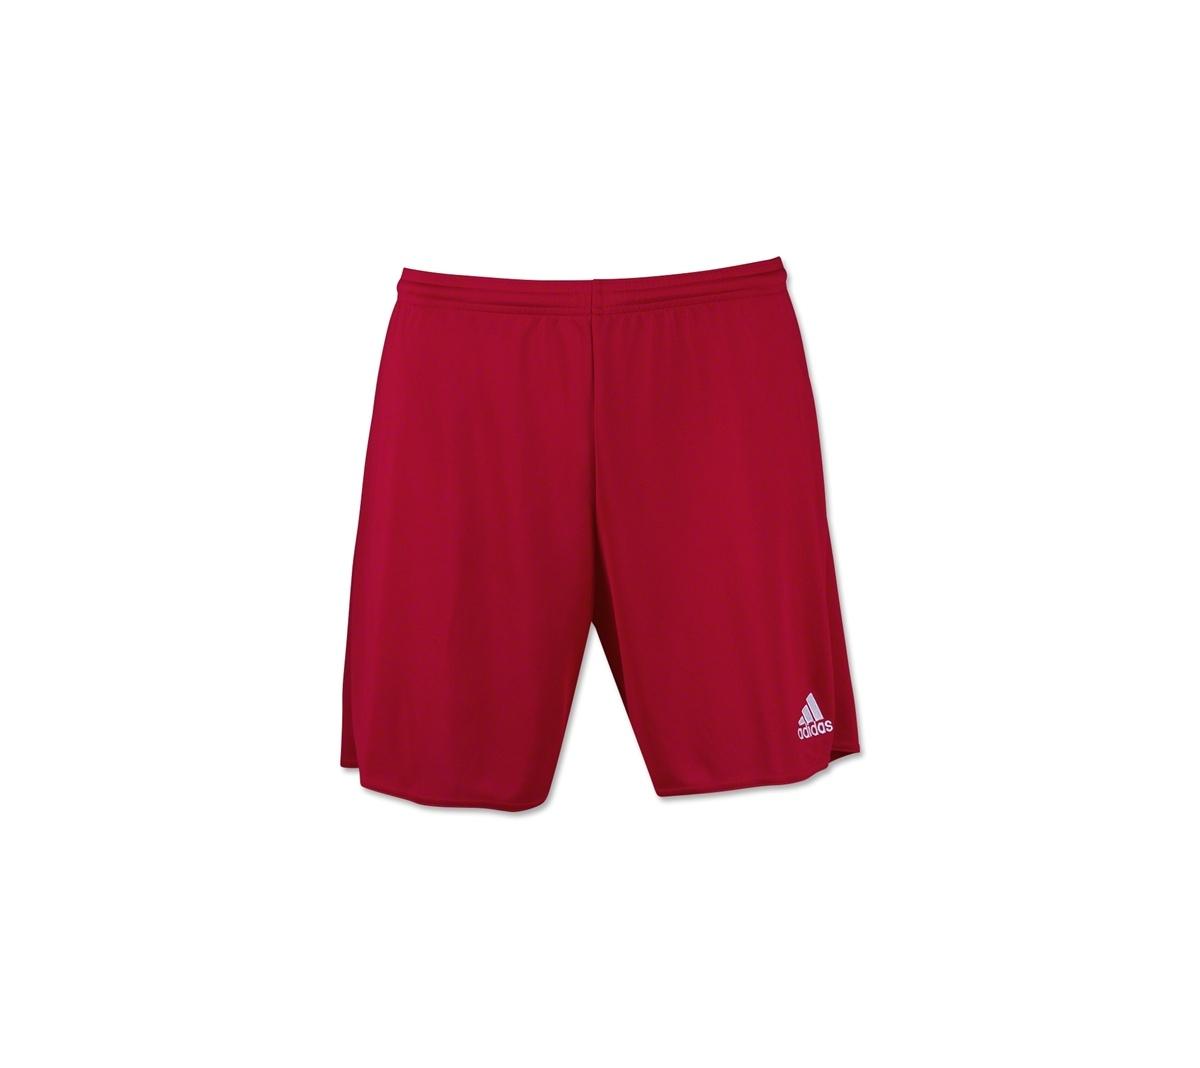 Calção Adidas Parma Vermelho Calção Adidas Parma Vermelho ... 0f3cbf2c4c325